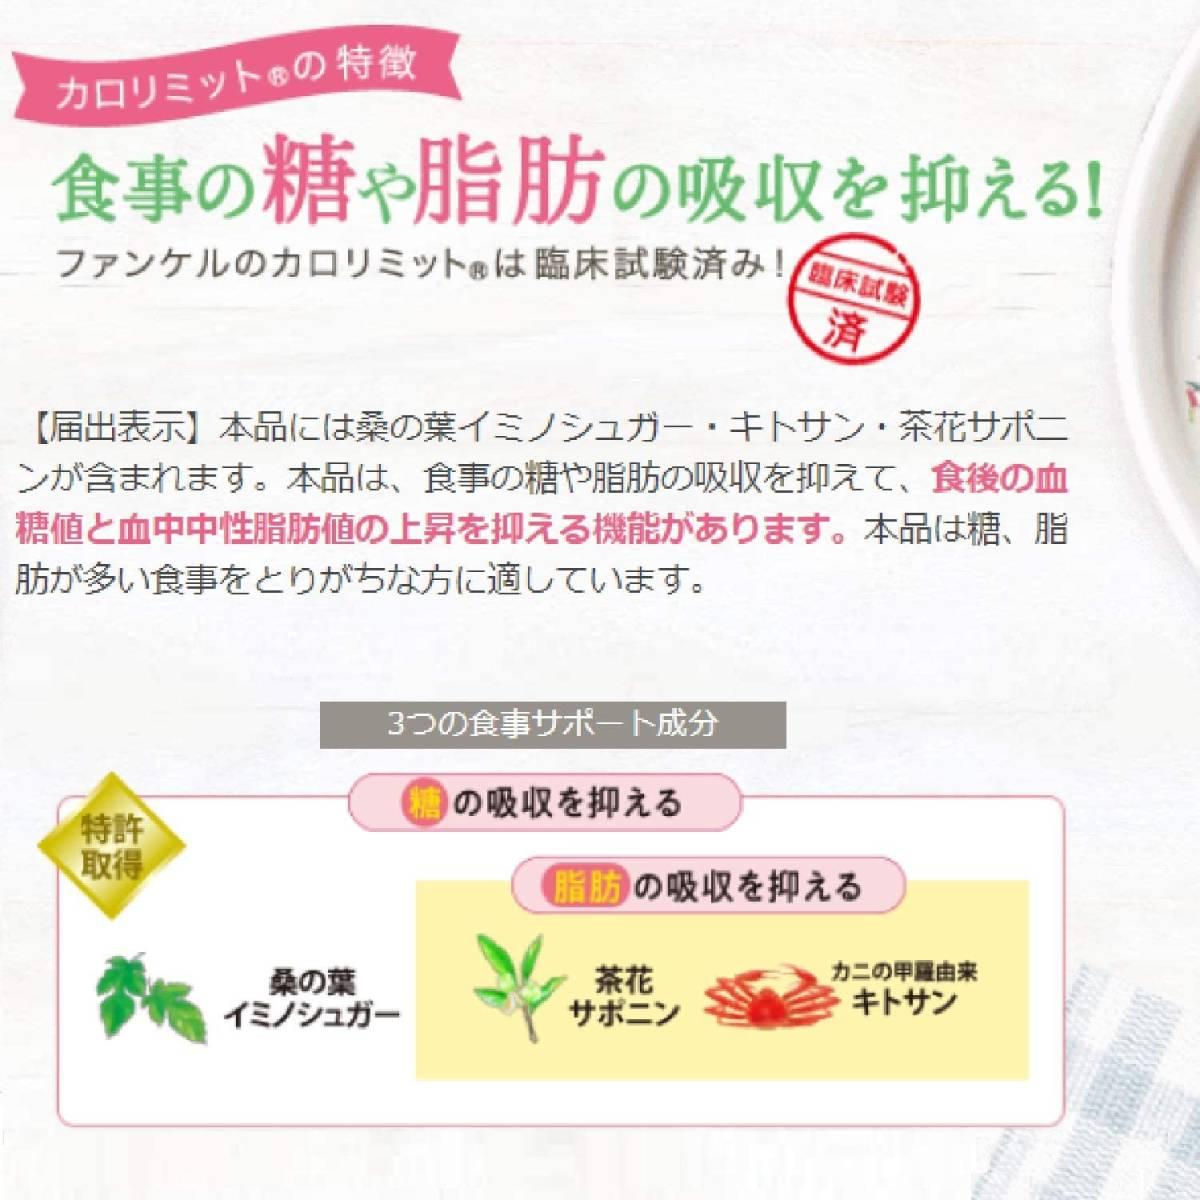 【即決送料無料】カロリミット 90粒 約30日分 機能性表示食品 ファンケル FANCL サプリ ダイエット_画像2